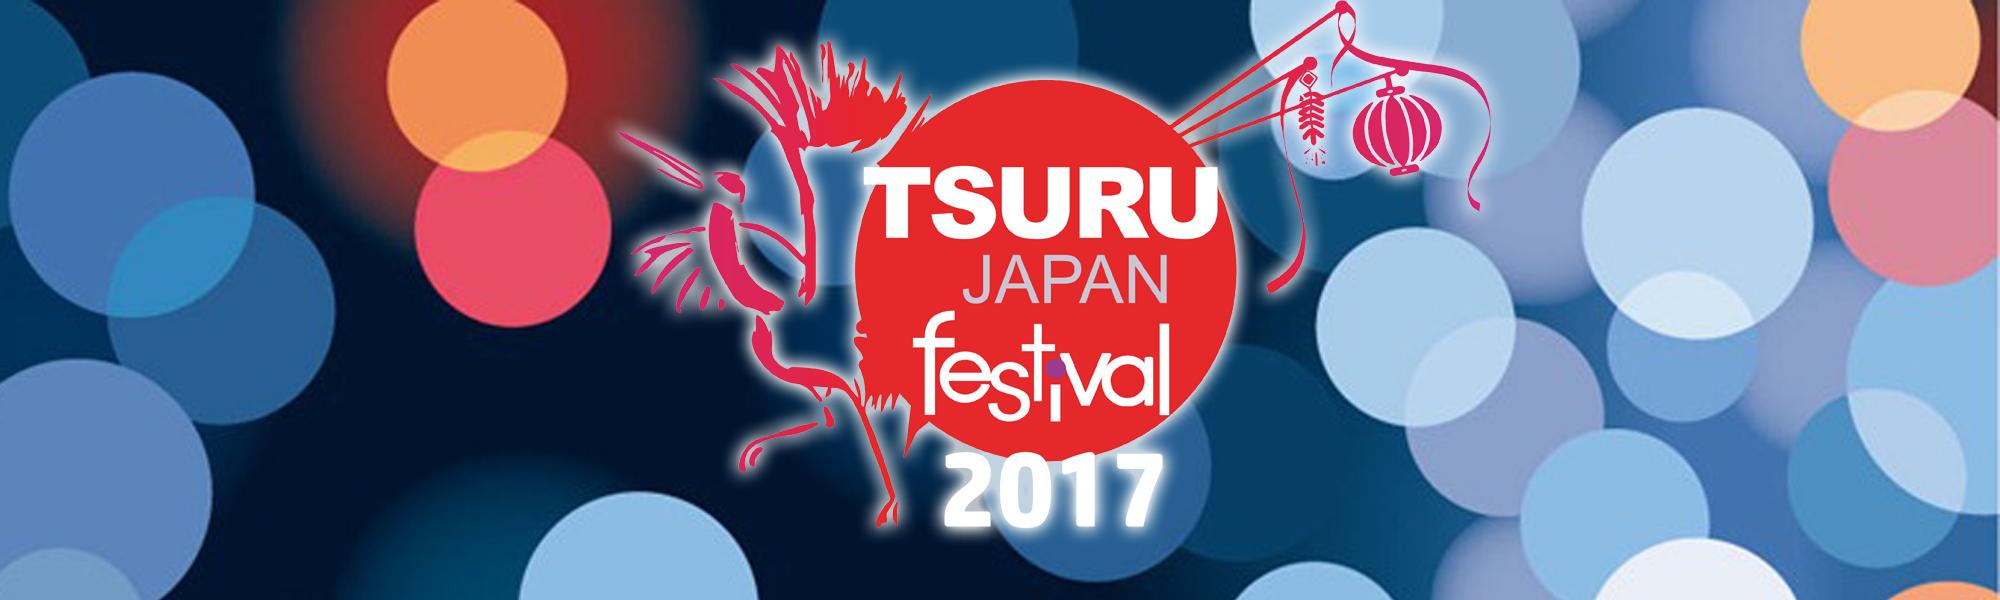 Tsuru Japan Festival 2017